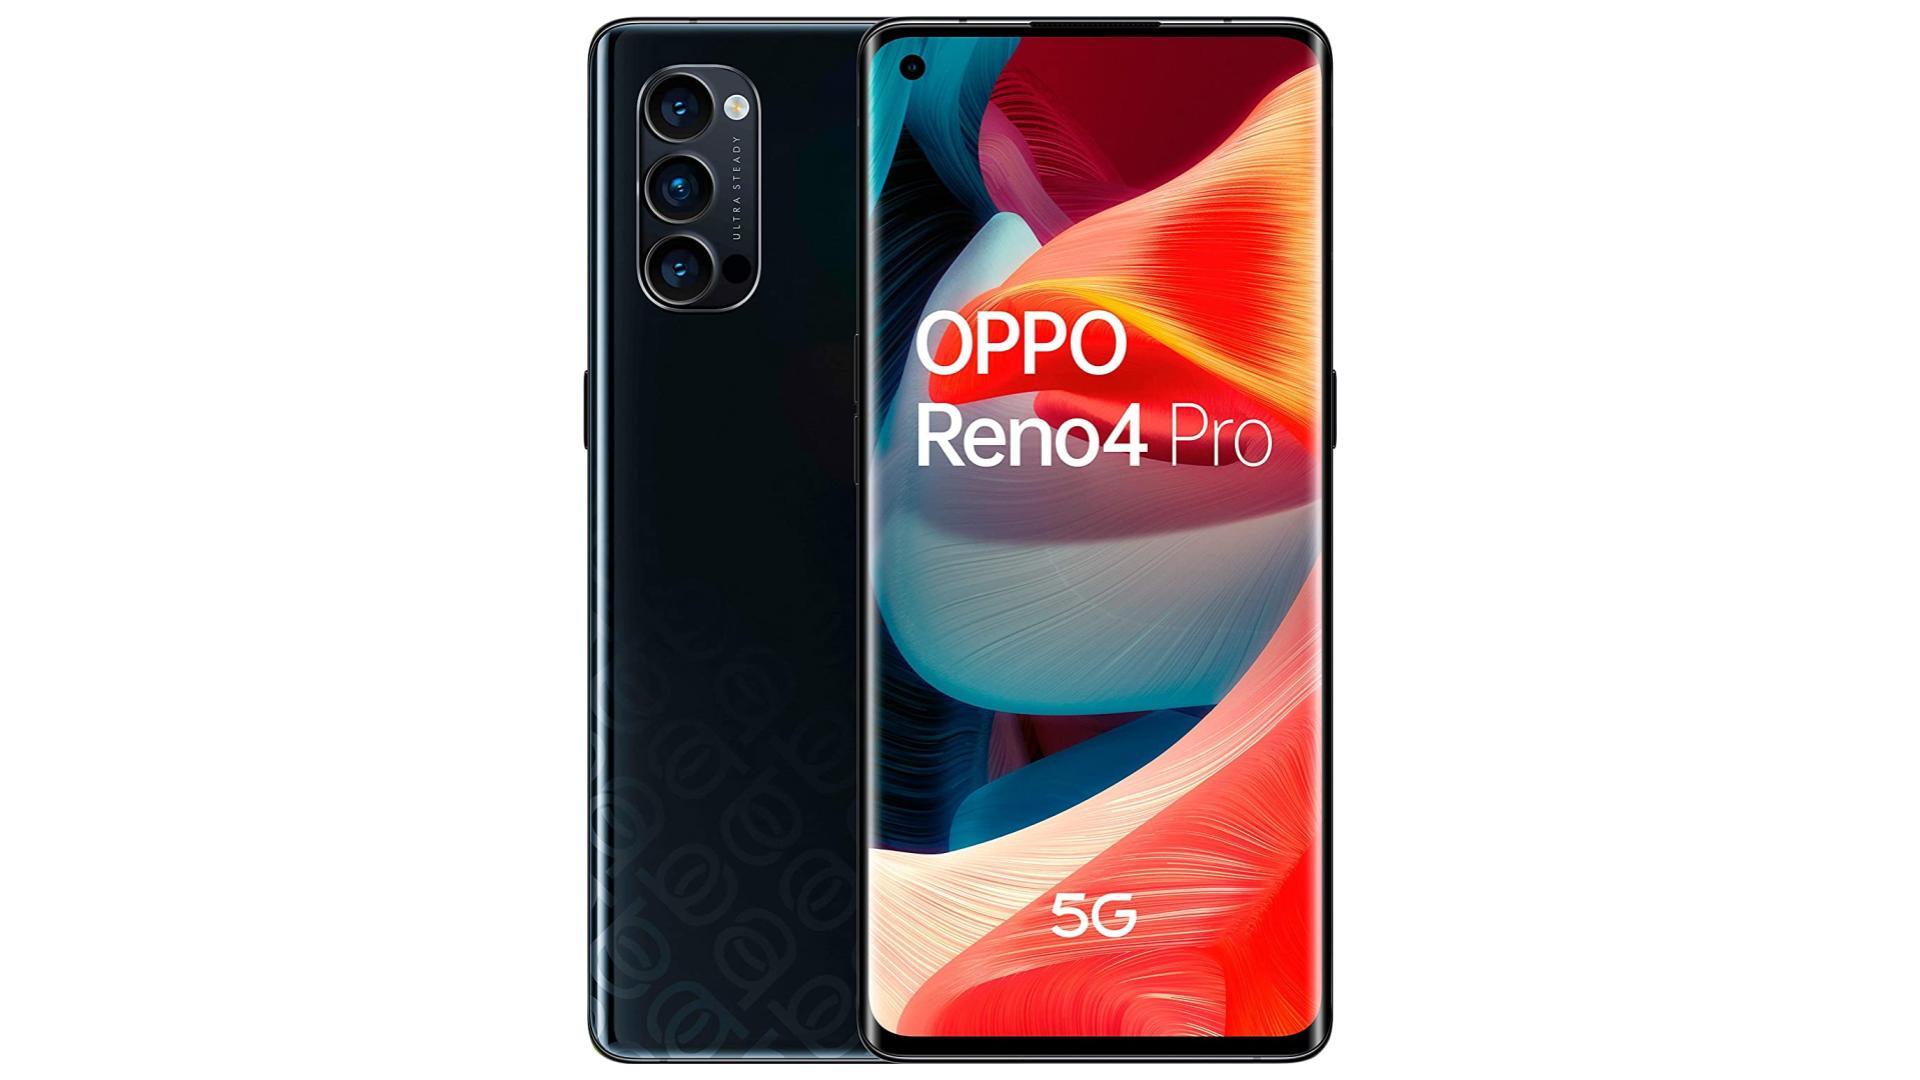 Imbattable, l'Oppo Reno4 Pro 5G avec ses 12 Go de RAM est à 299 euros - Journal du geek